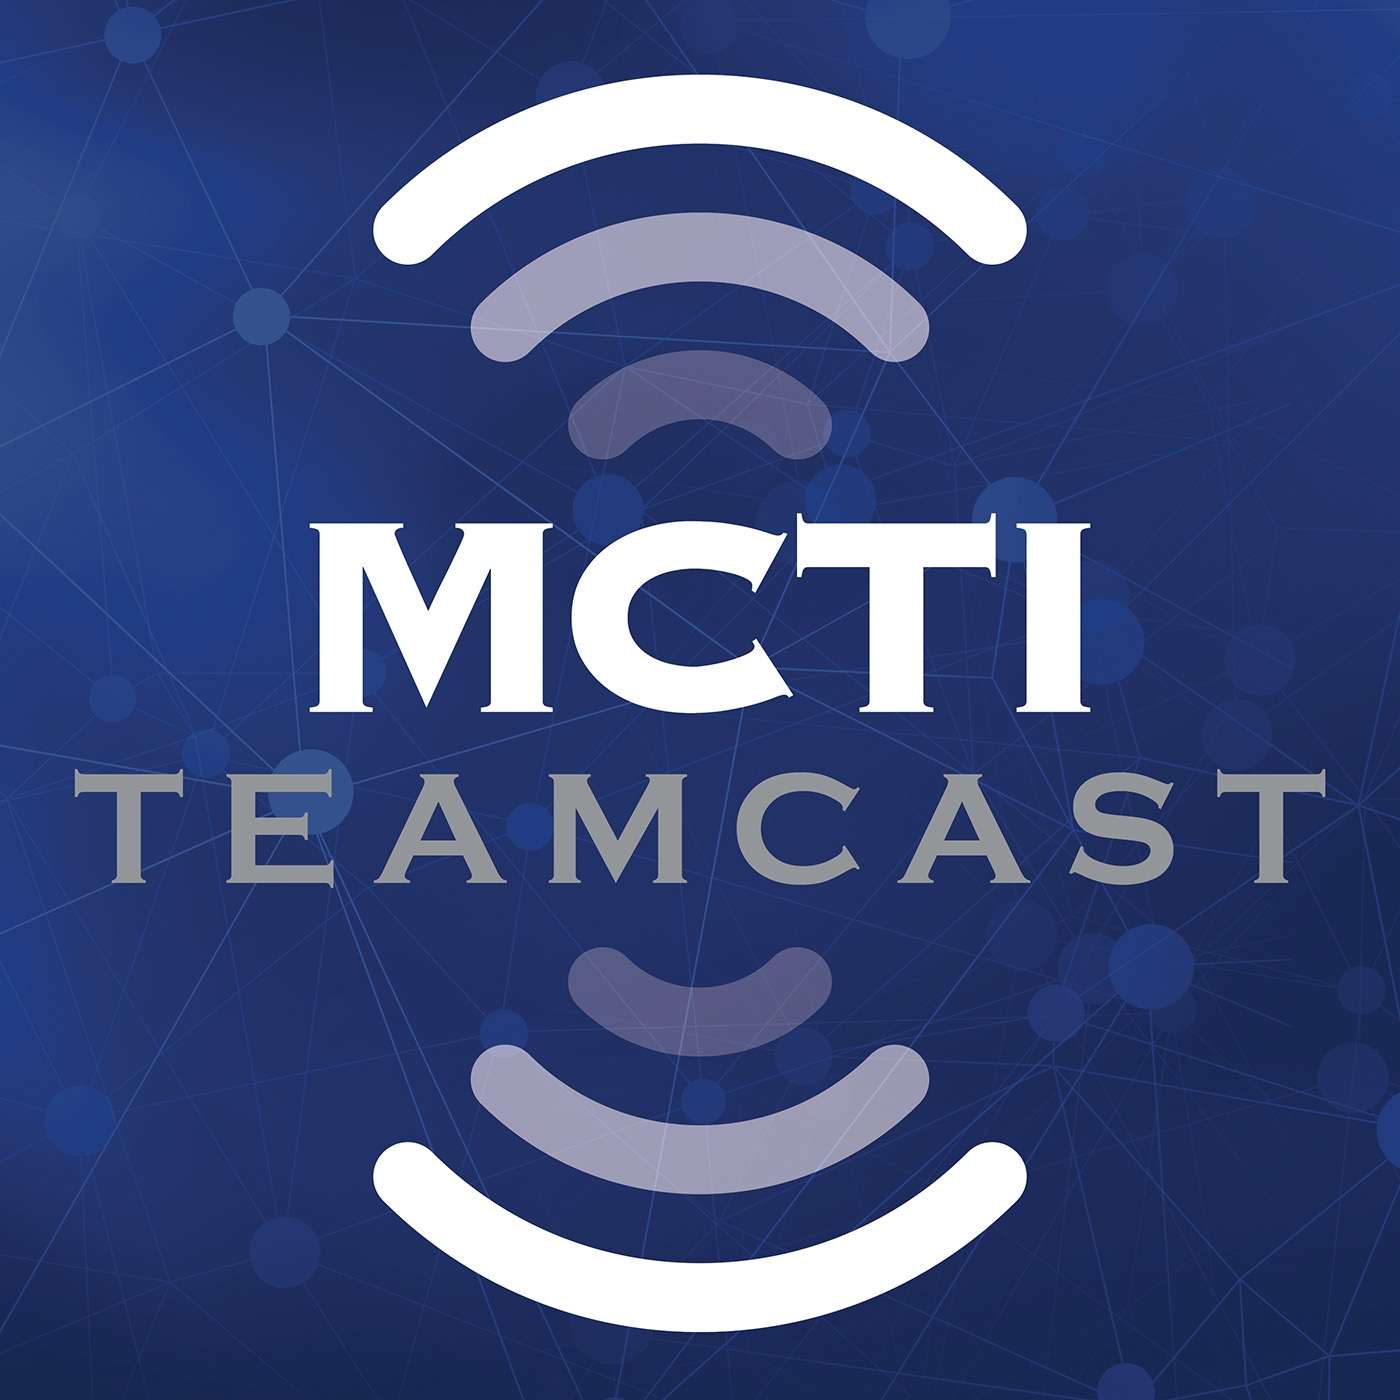 Artwork for podcast Teamcast